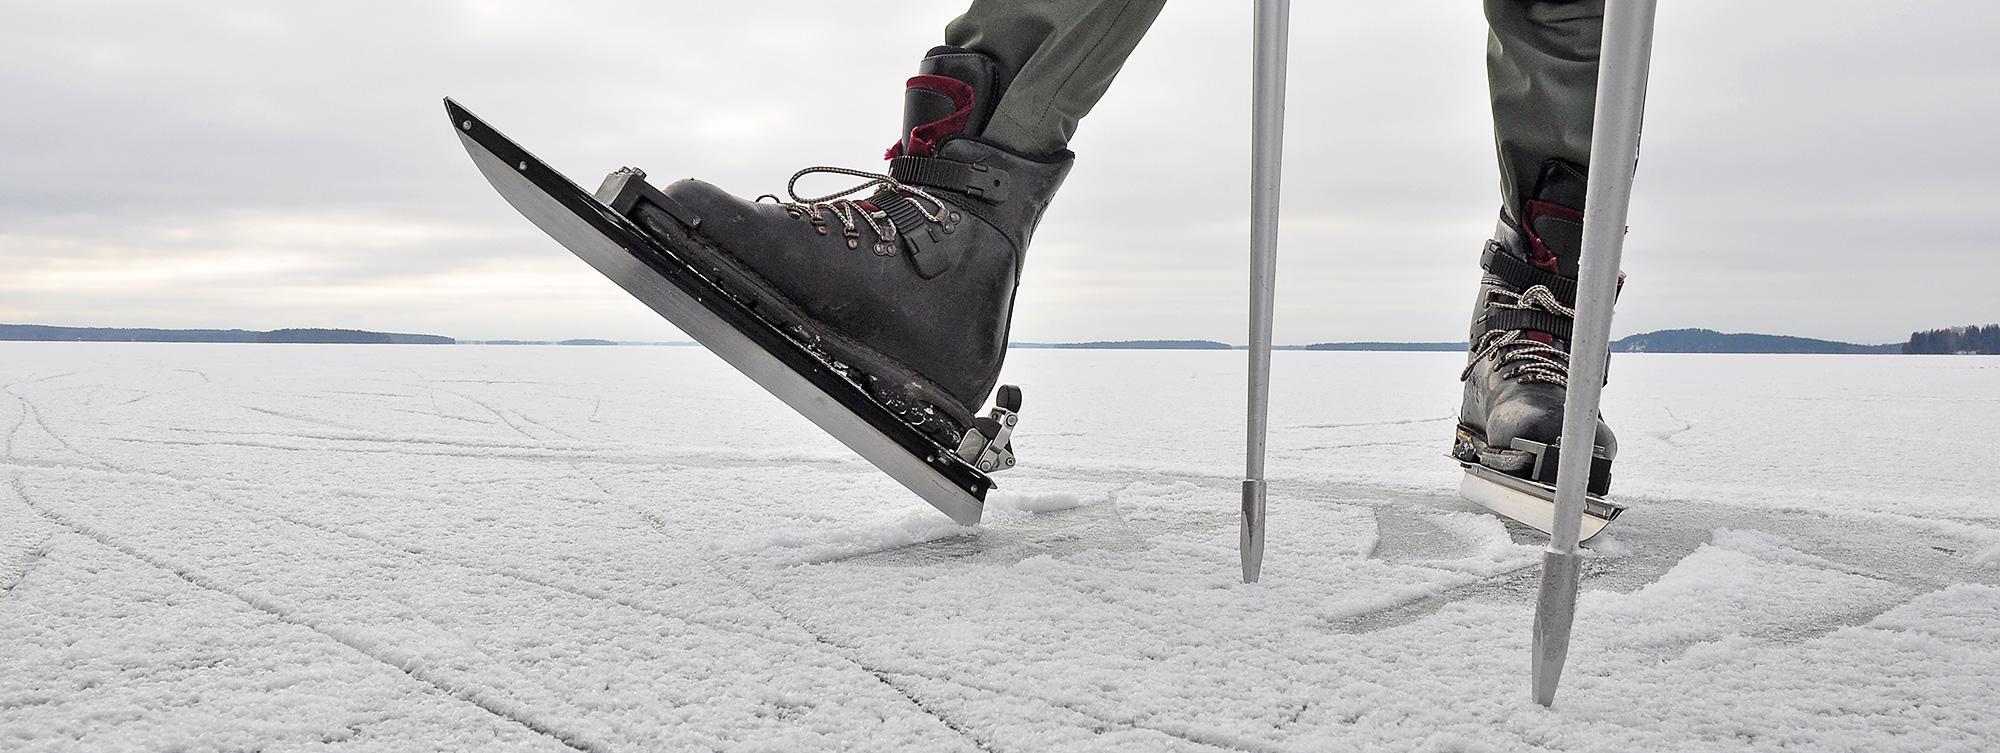 veilig schaatsen op natuurijs Scandinavische aanpak